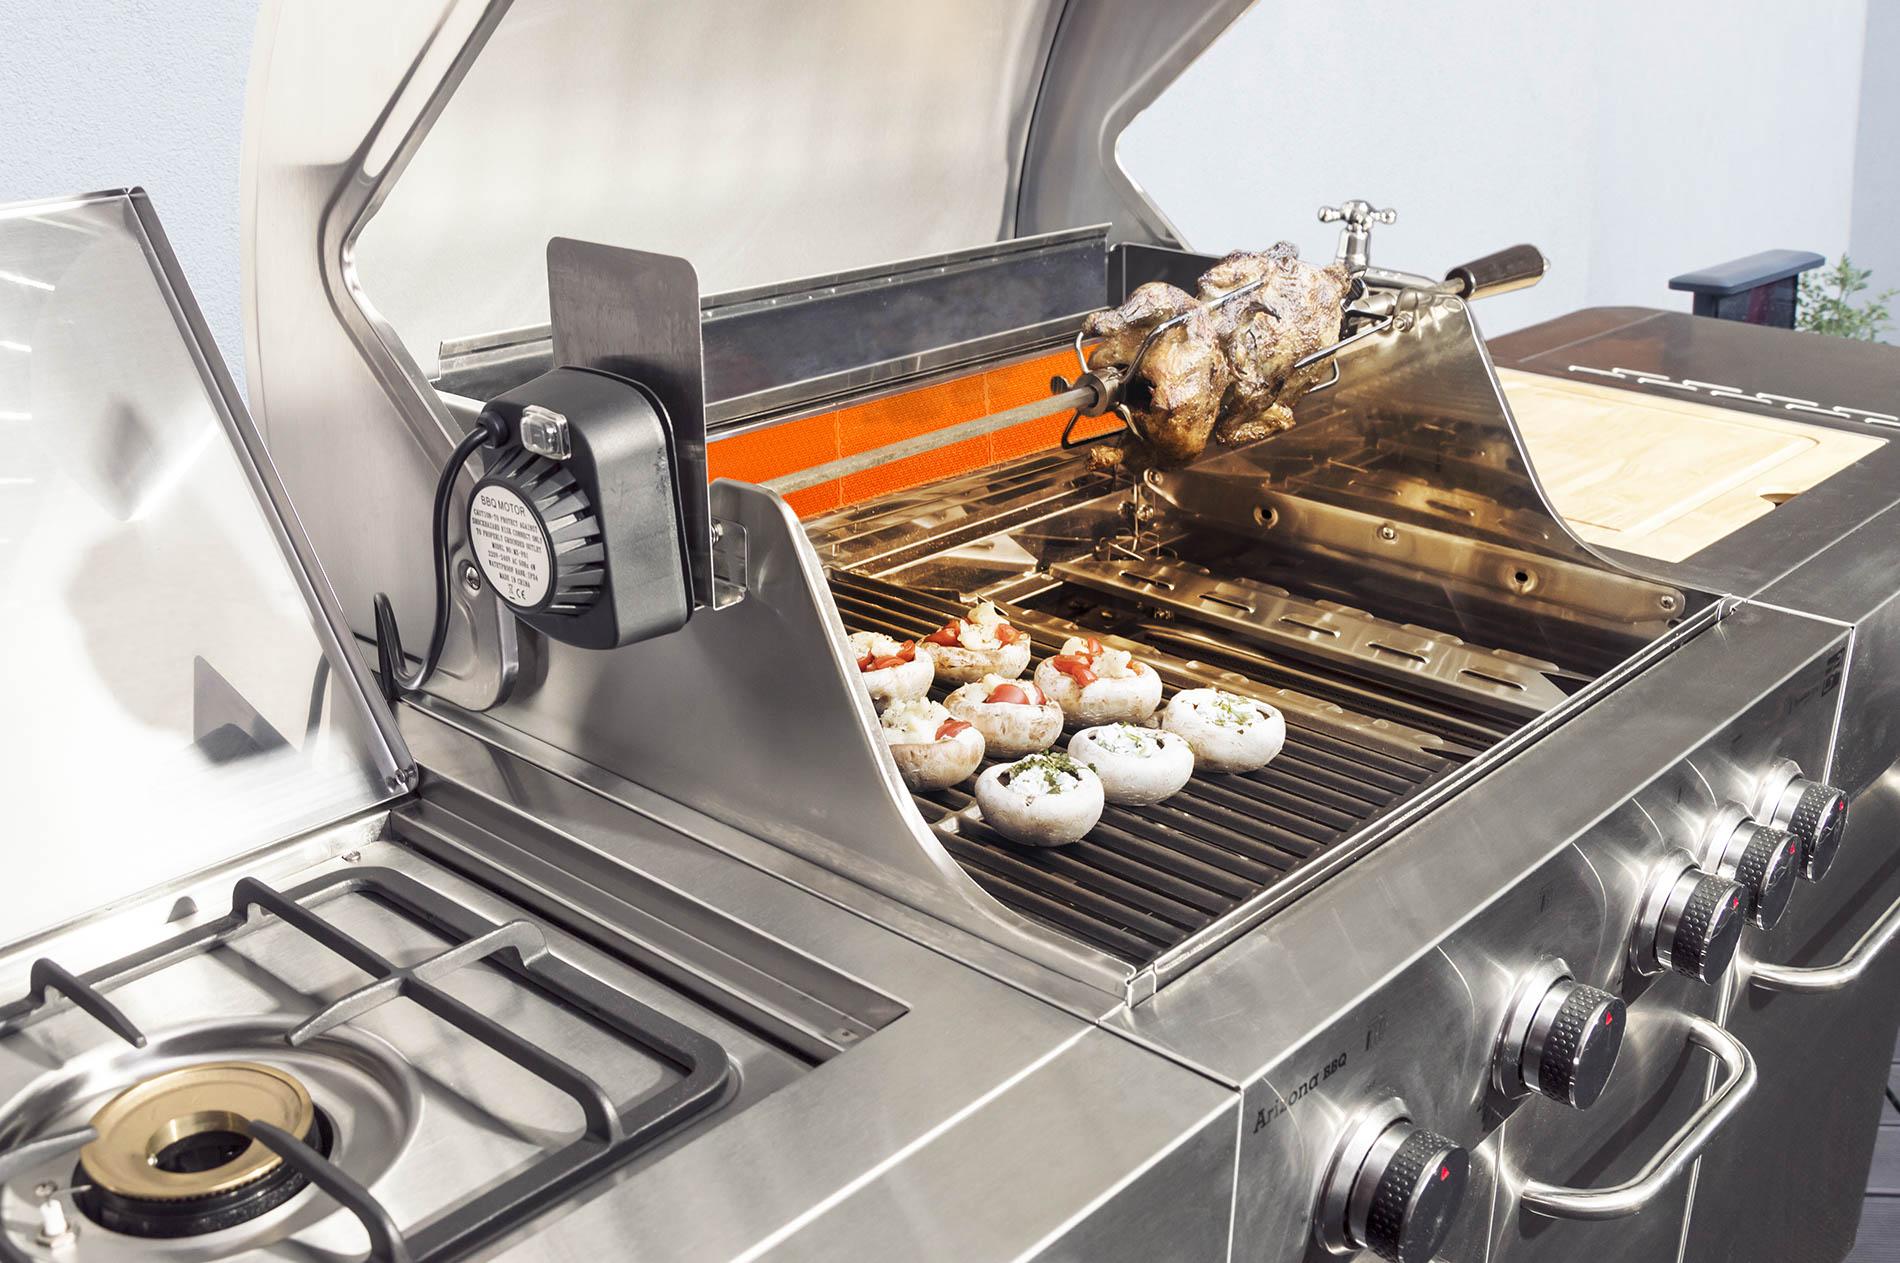 Plnené šampiňóny a mäso naraz? Pre plynový gril G21 Arizona, BBQ Premium Line 6 žiadny problém.